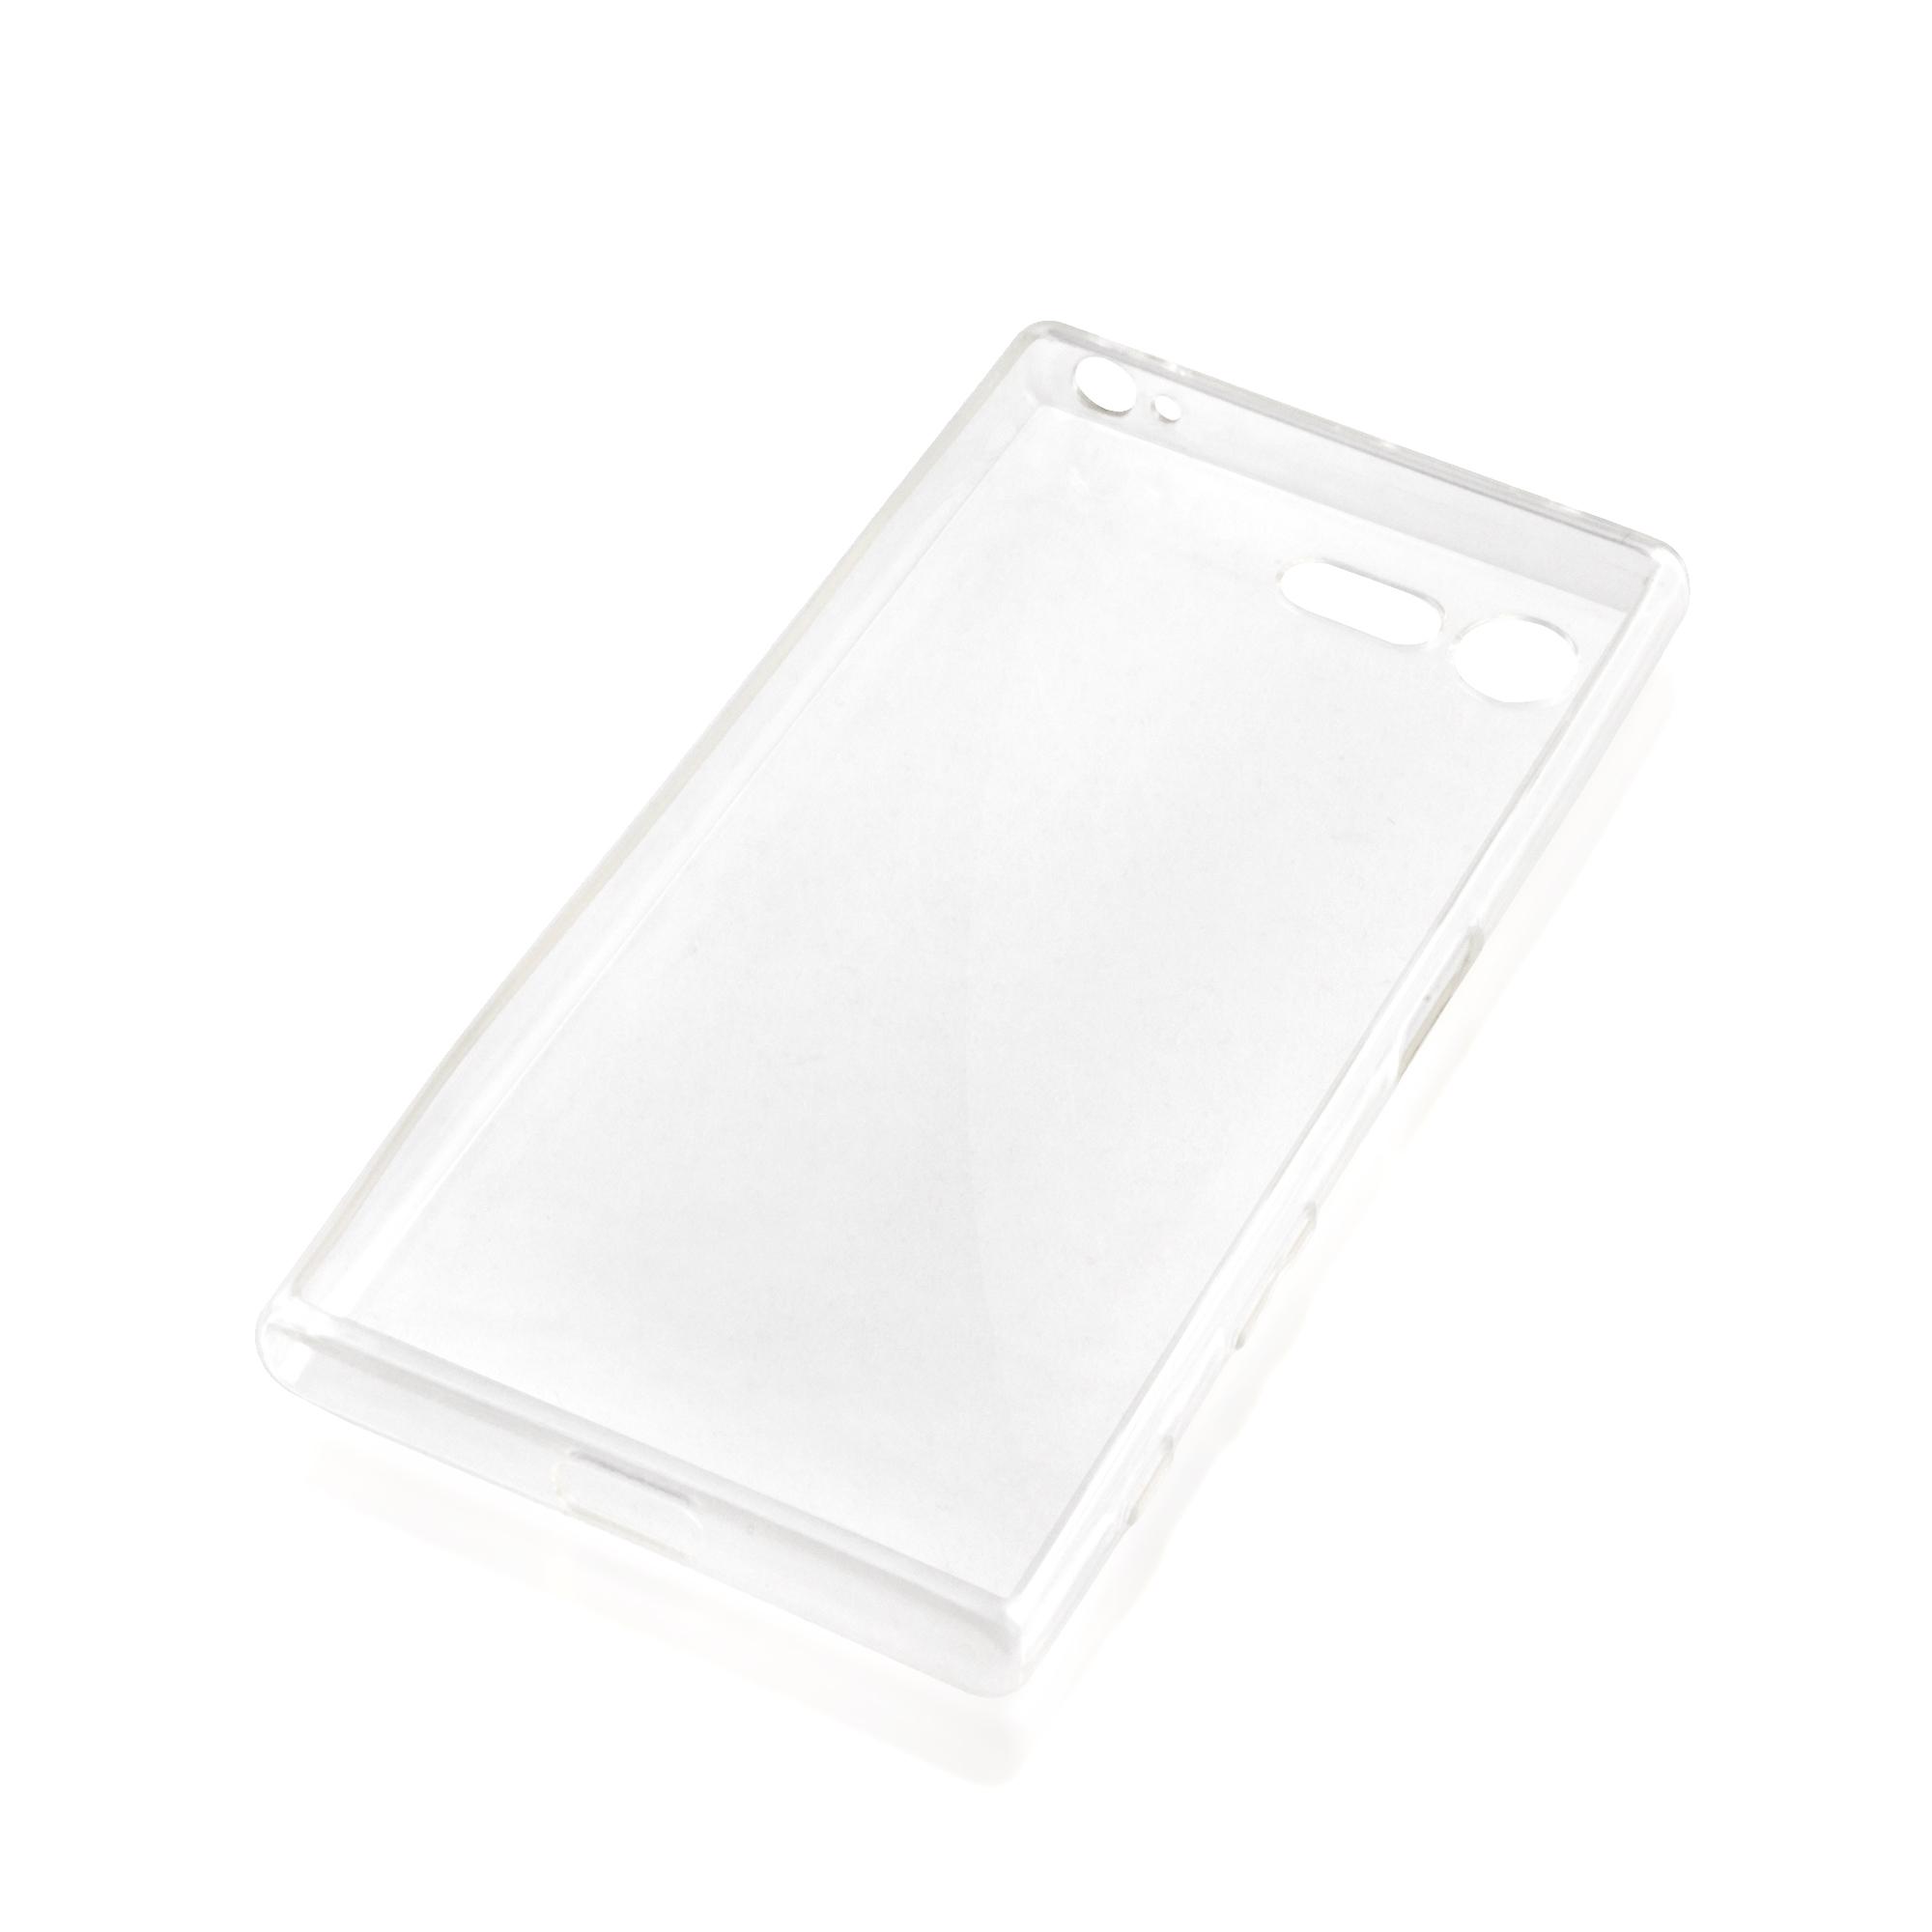 Силиконовый бампер для Xperia X Compact в Sony Centre Воронеж